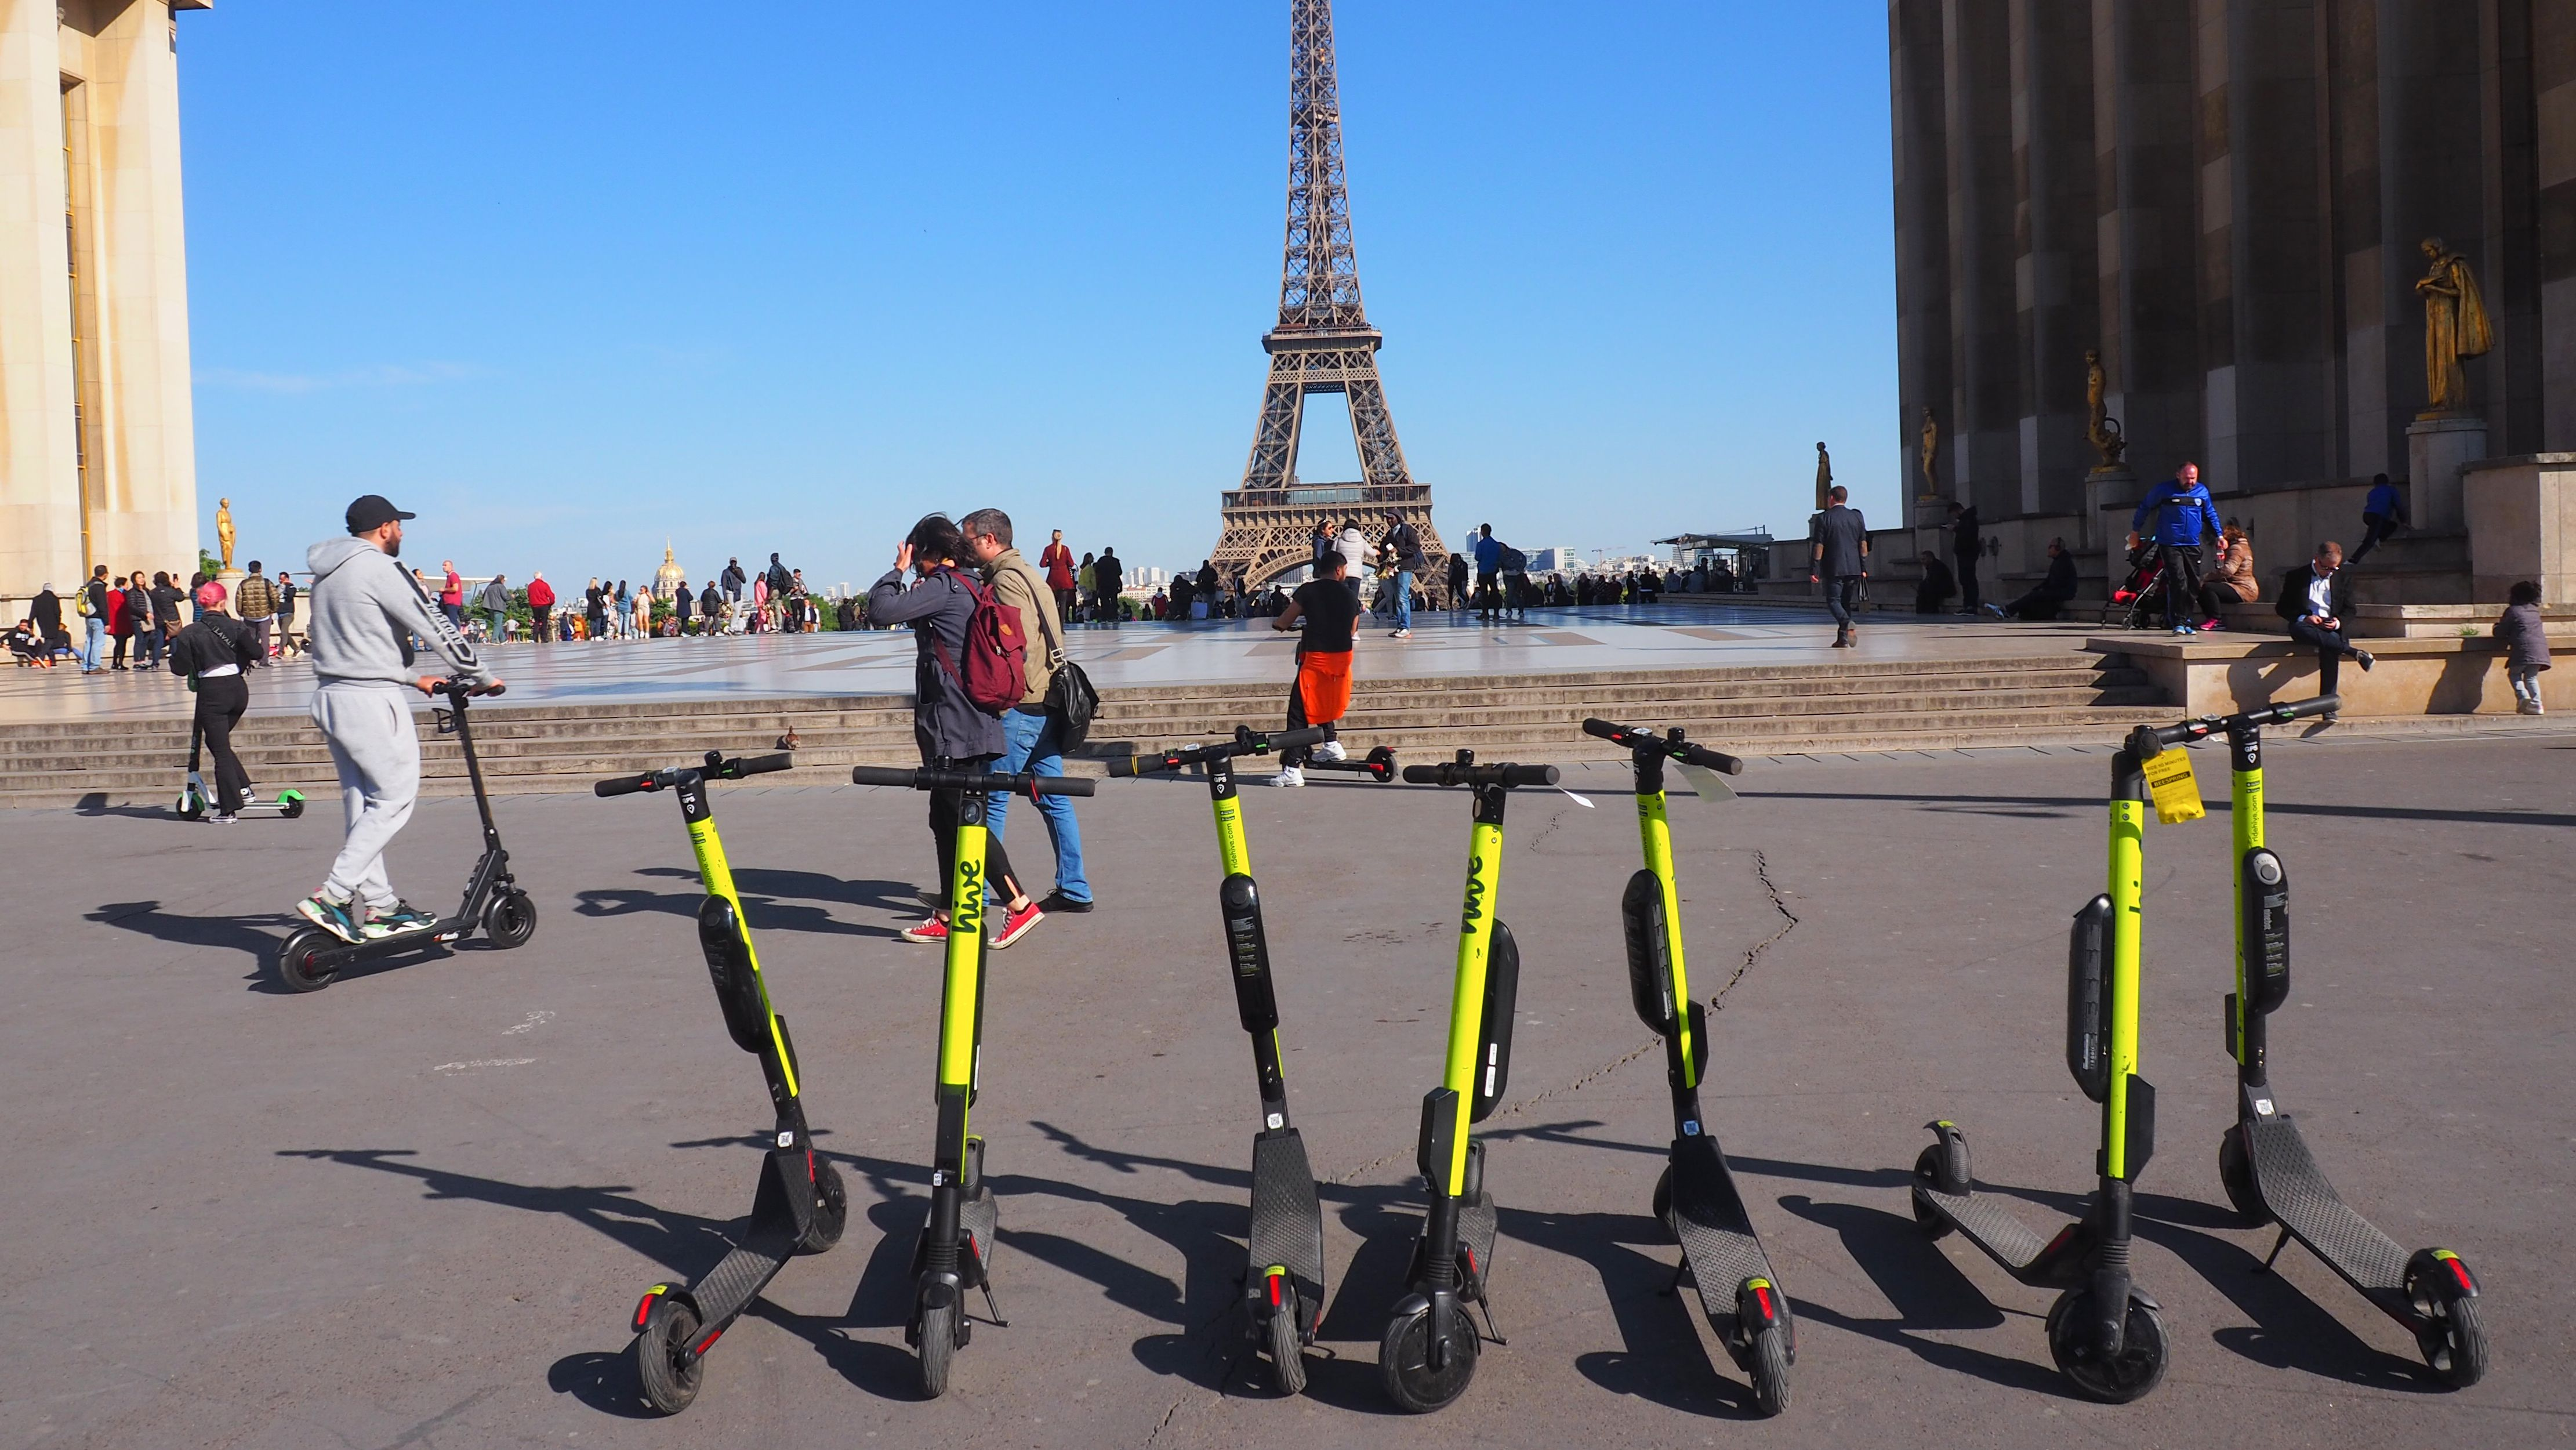 E-Tretroller stehen zum Mieten auf der Place du Trocadéro in Paris bereit